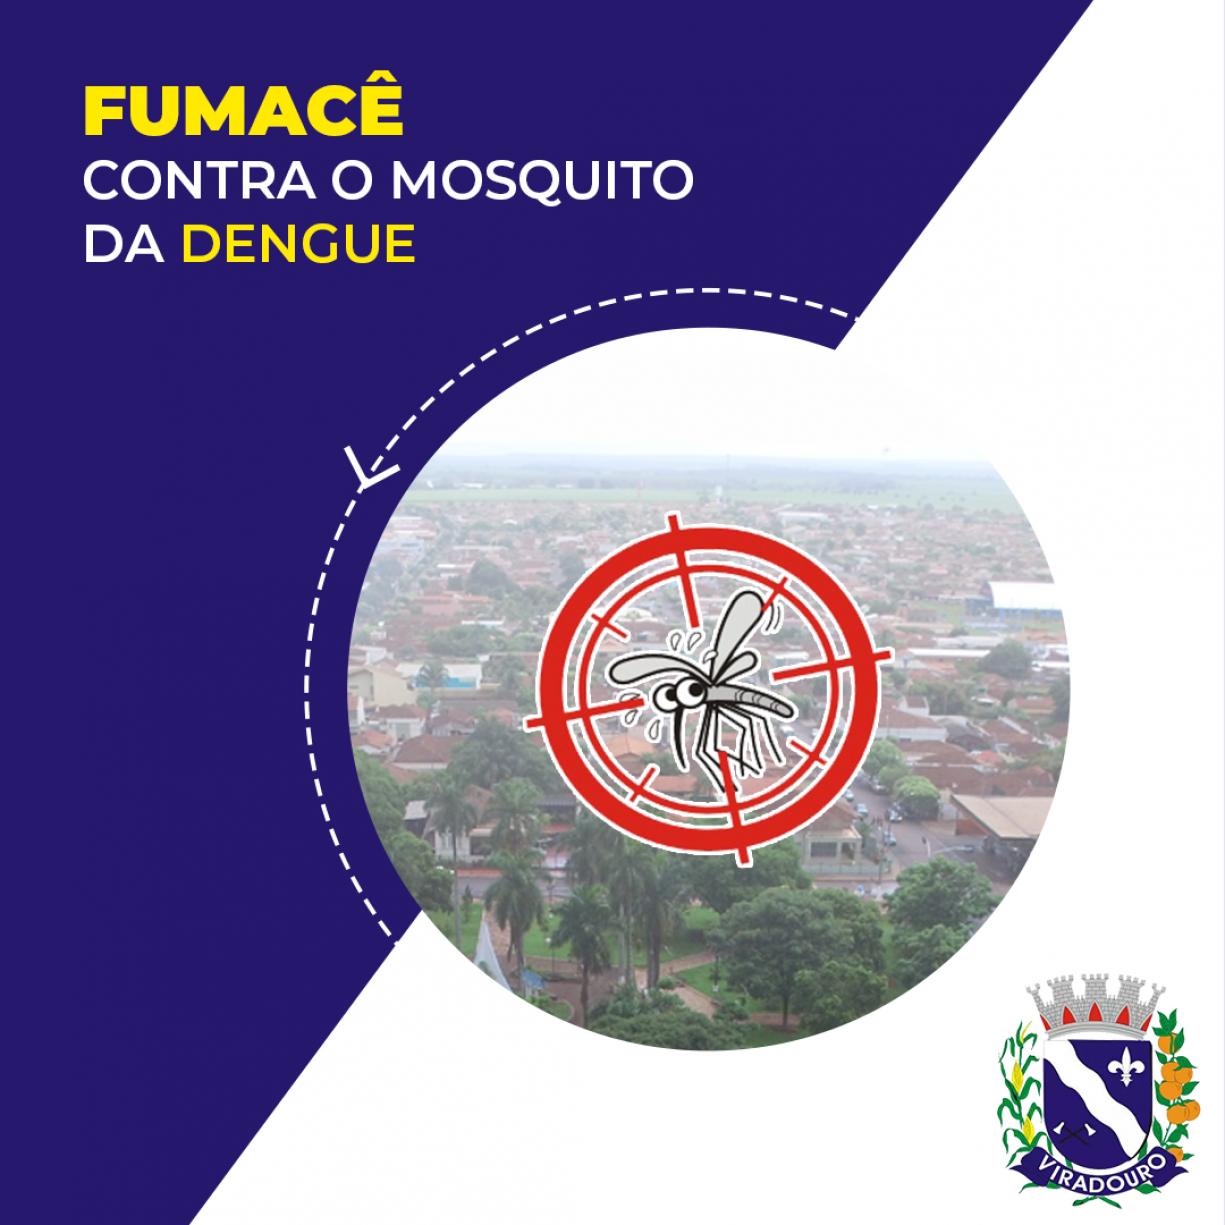 Fumacê Contra o Mosquito da Dengue